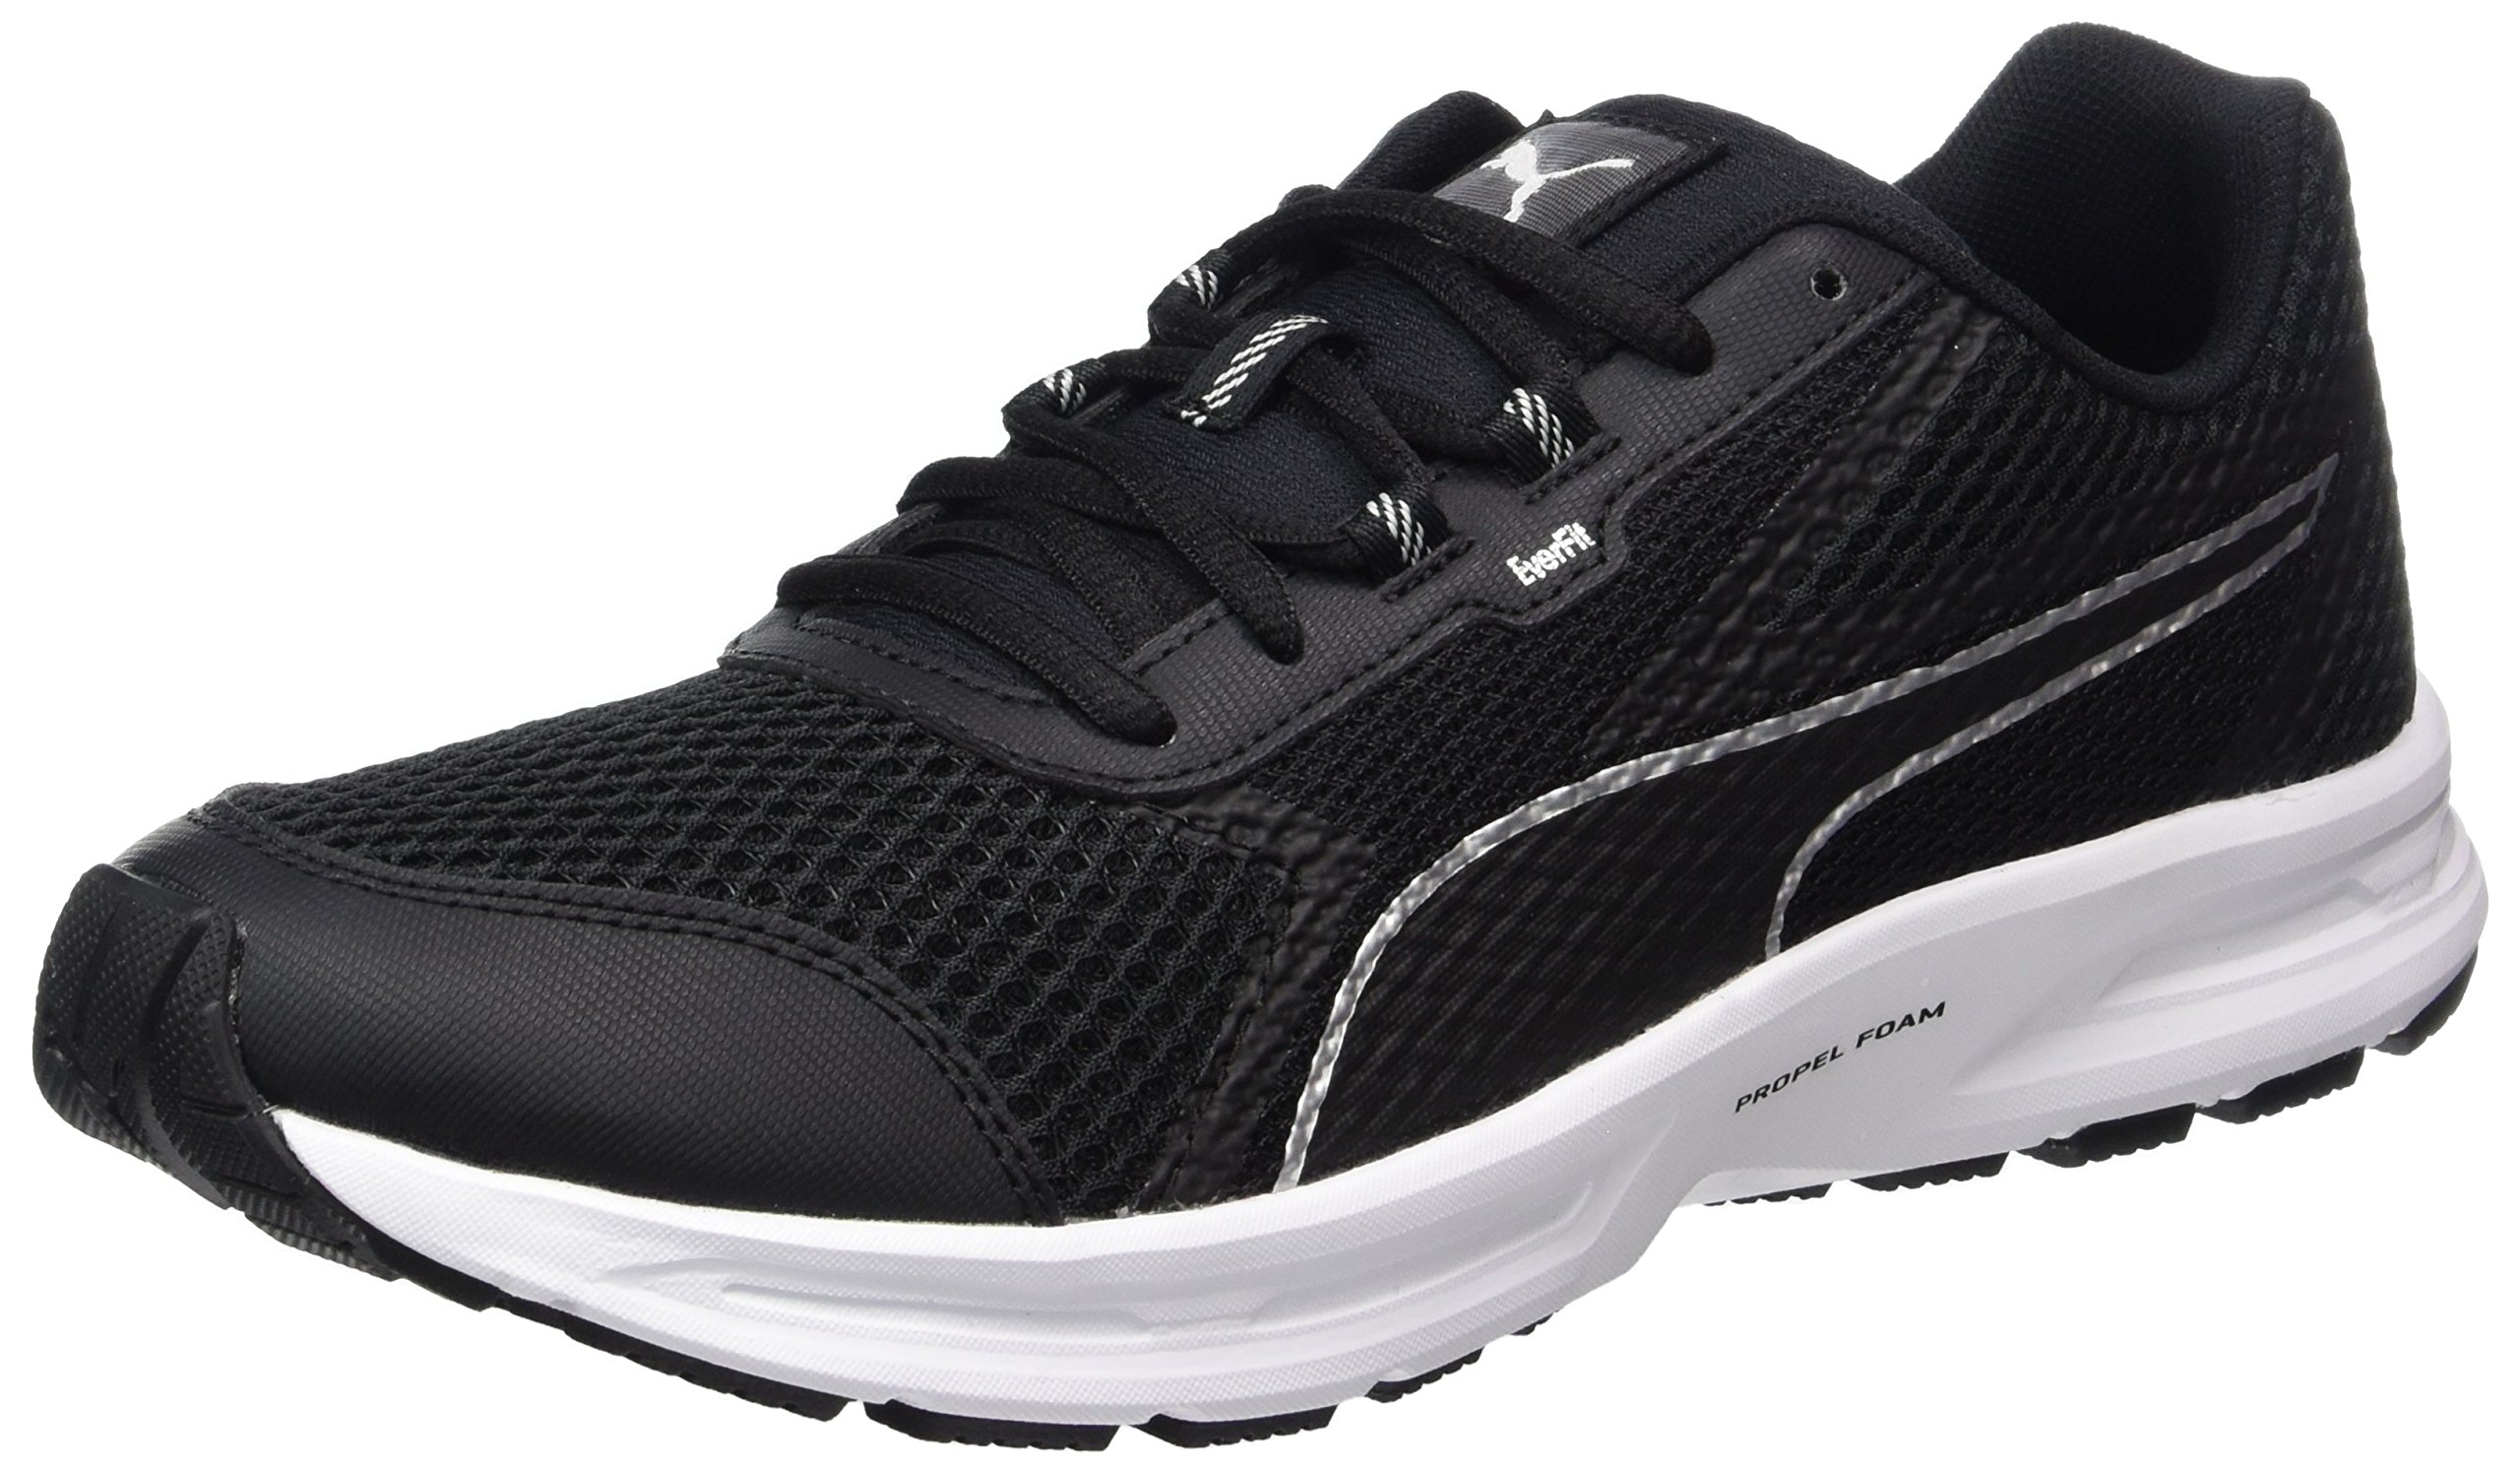 064988f525e Puma Essential Runner, Zapatillas De Deporte para Exterior para Hombre  product image